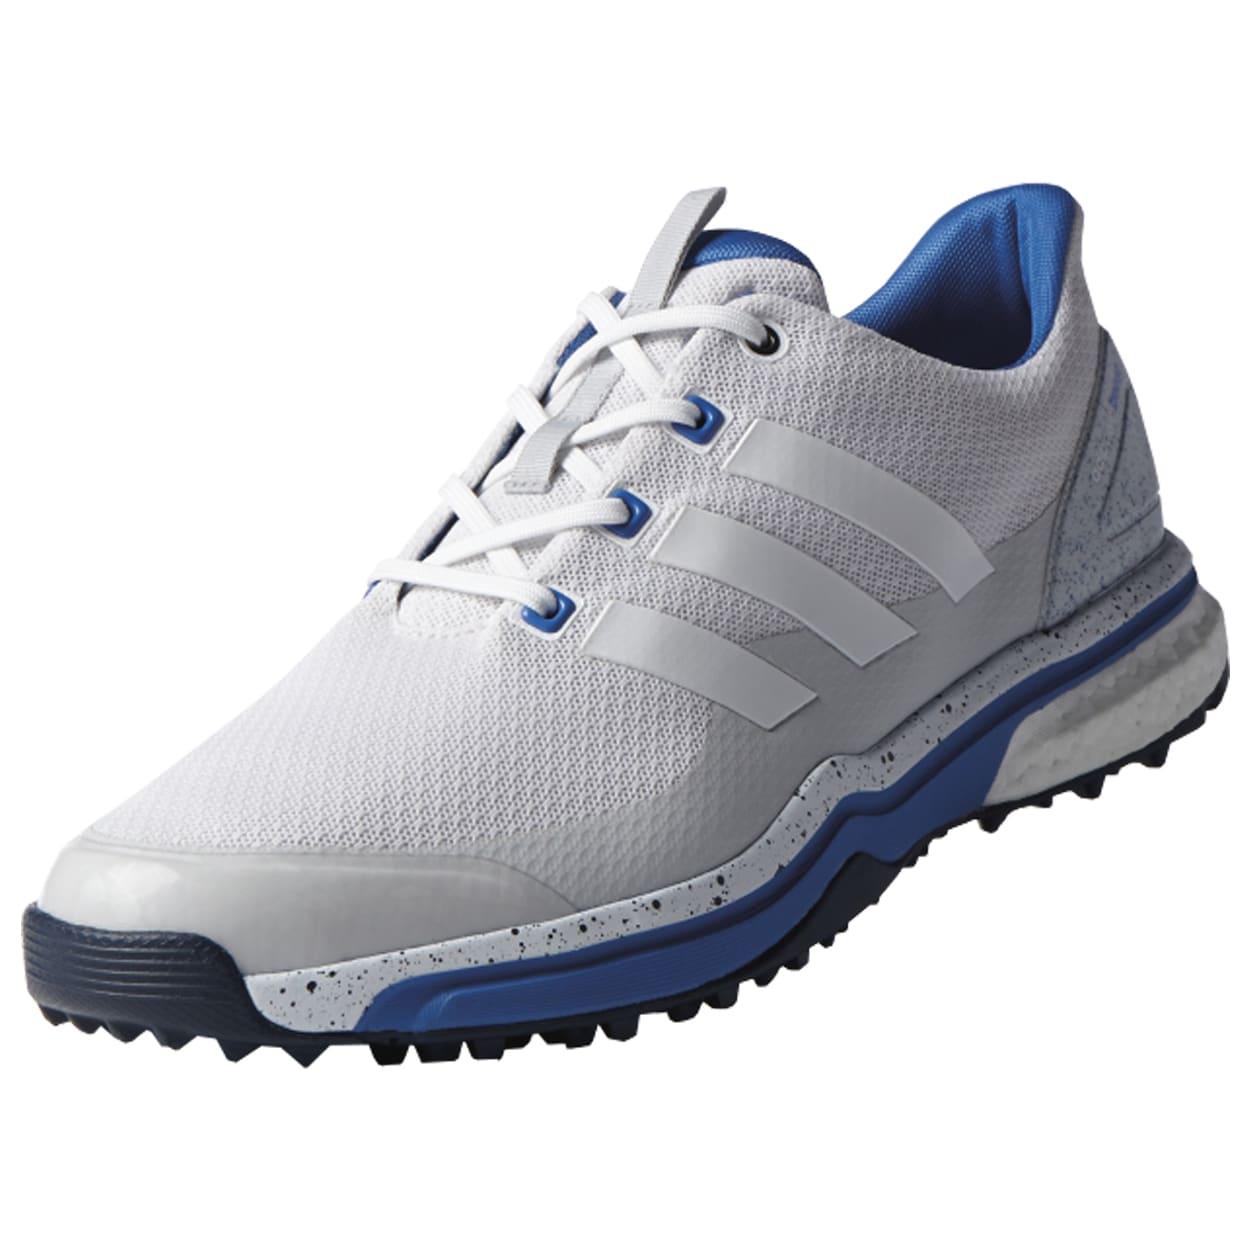 Negozio / Adidas Uomini Adipower Sport Boost 2 Bianco / Negozio Grigio / Blu Golf c2b135